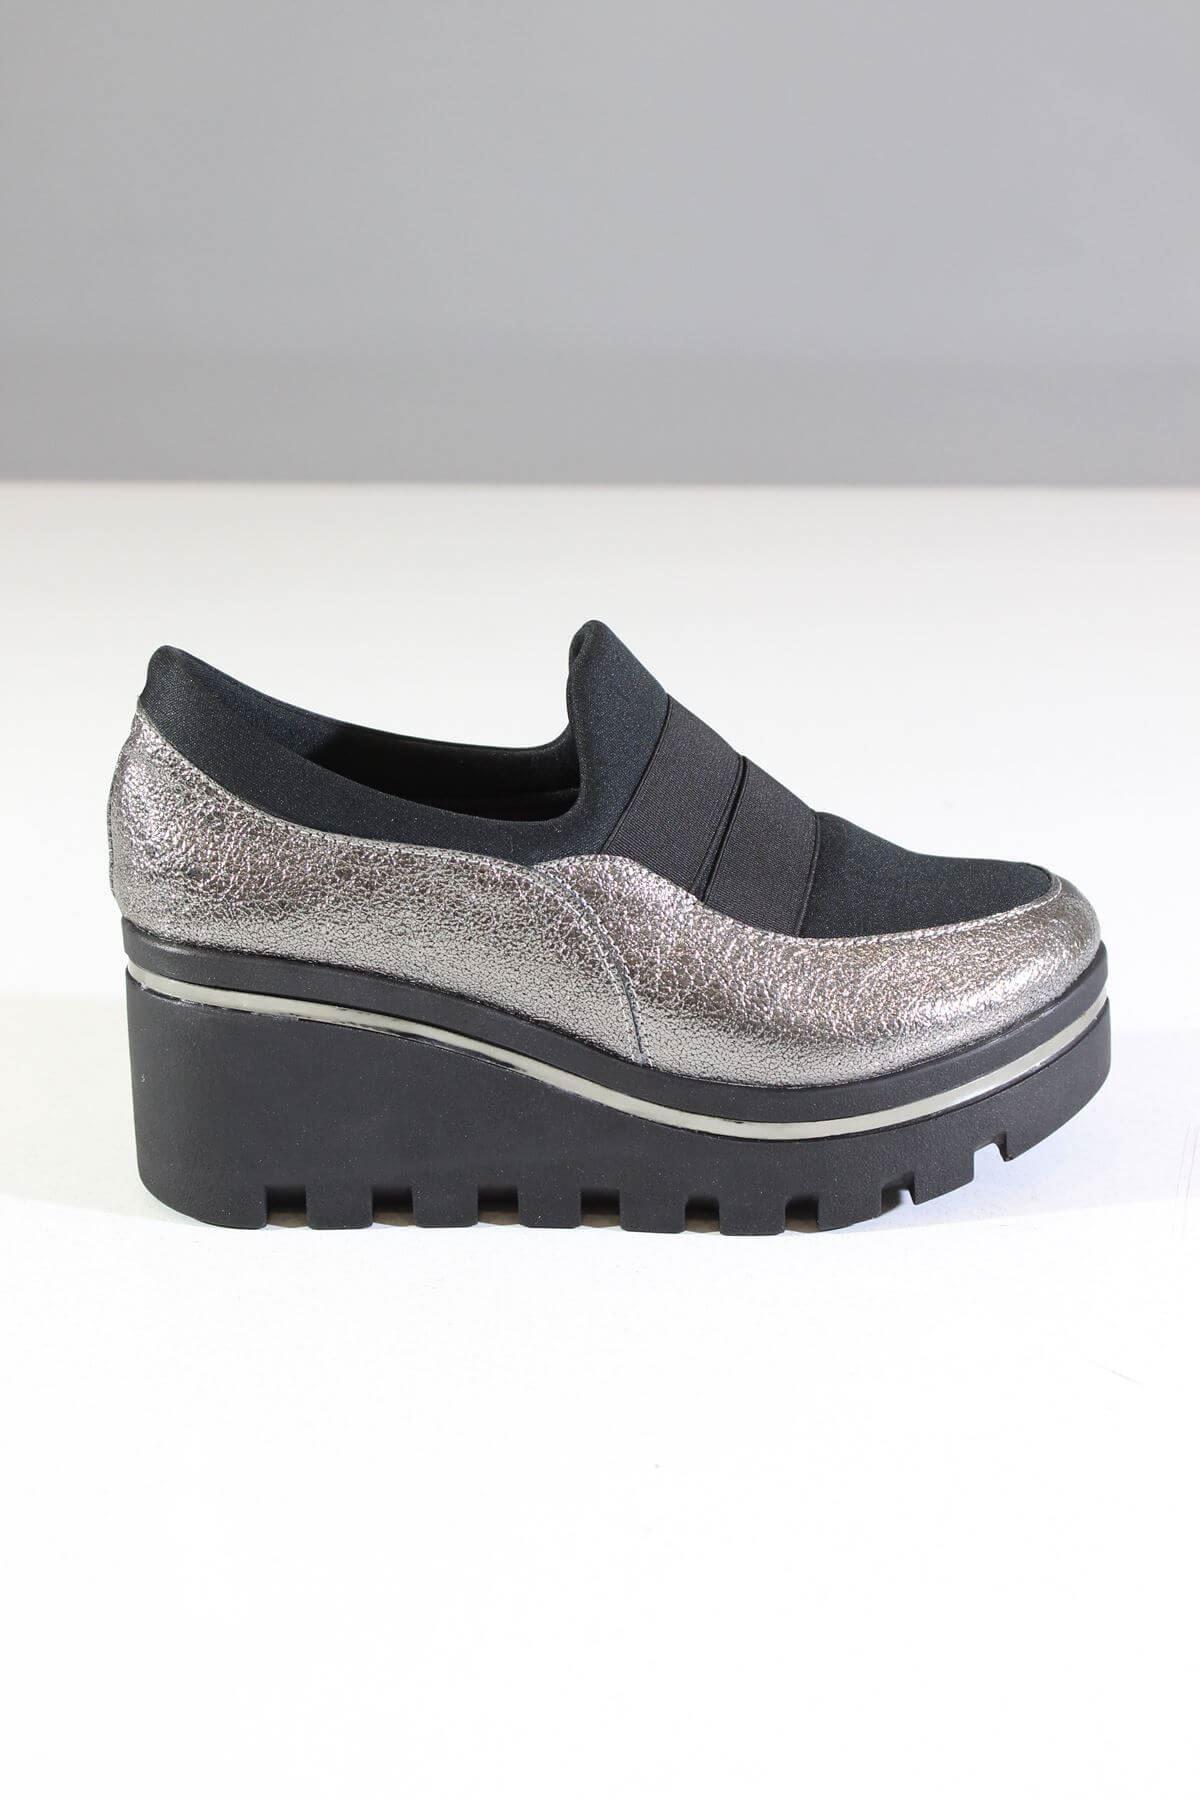 Trend Ayakkabı 0056  Dolgu Topuk Platin Simli Kadın Ayakkabı